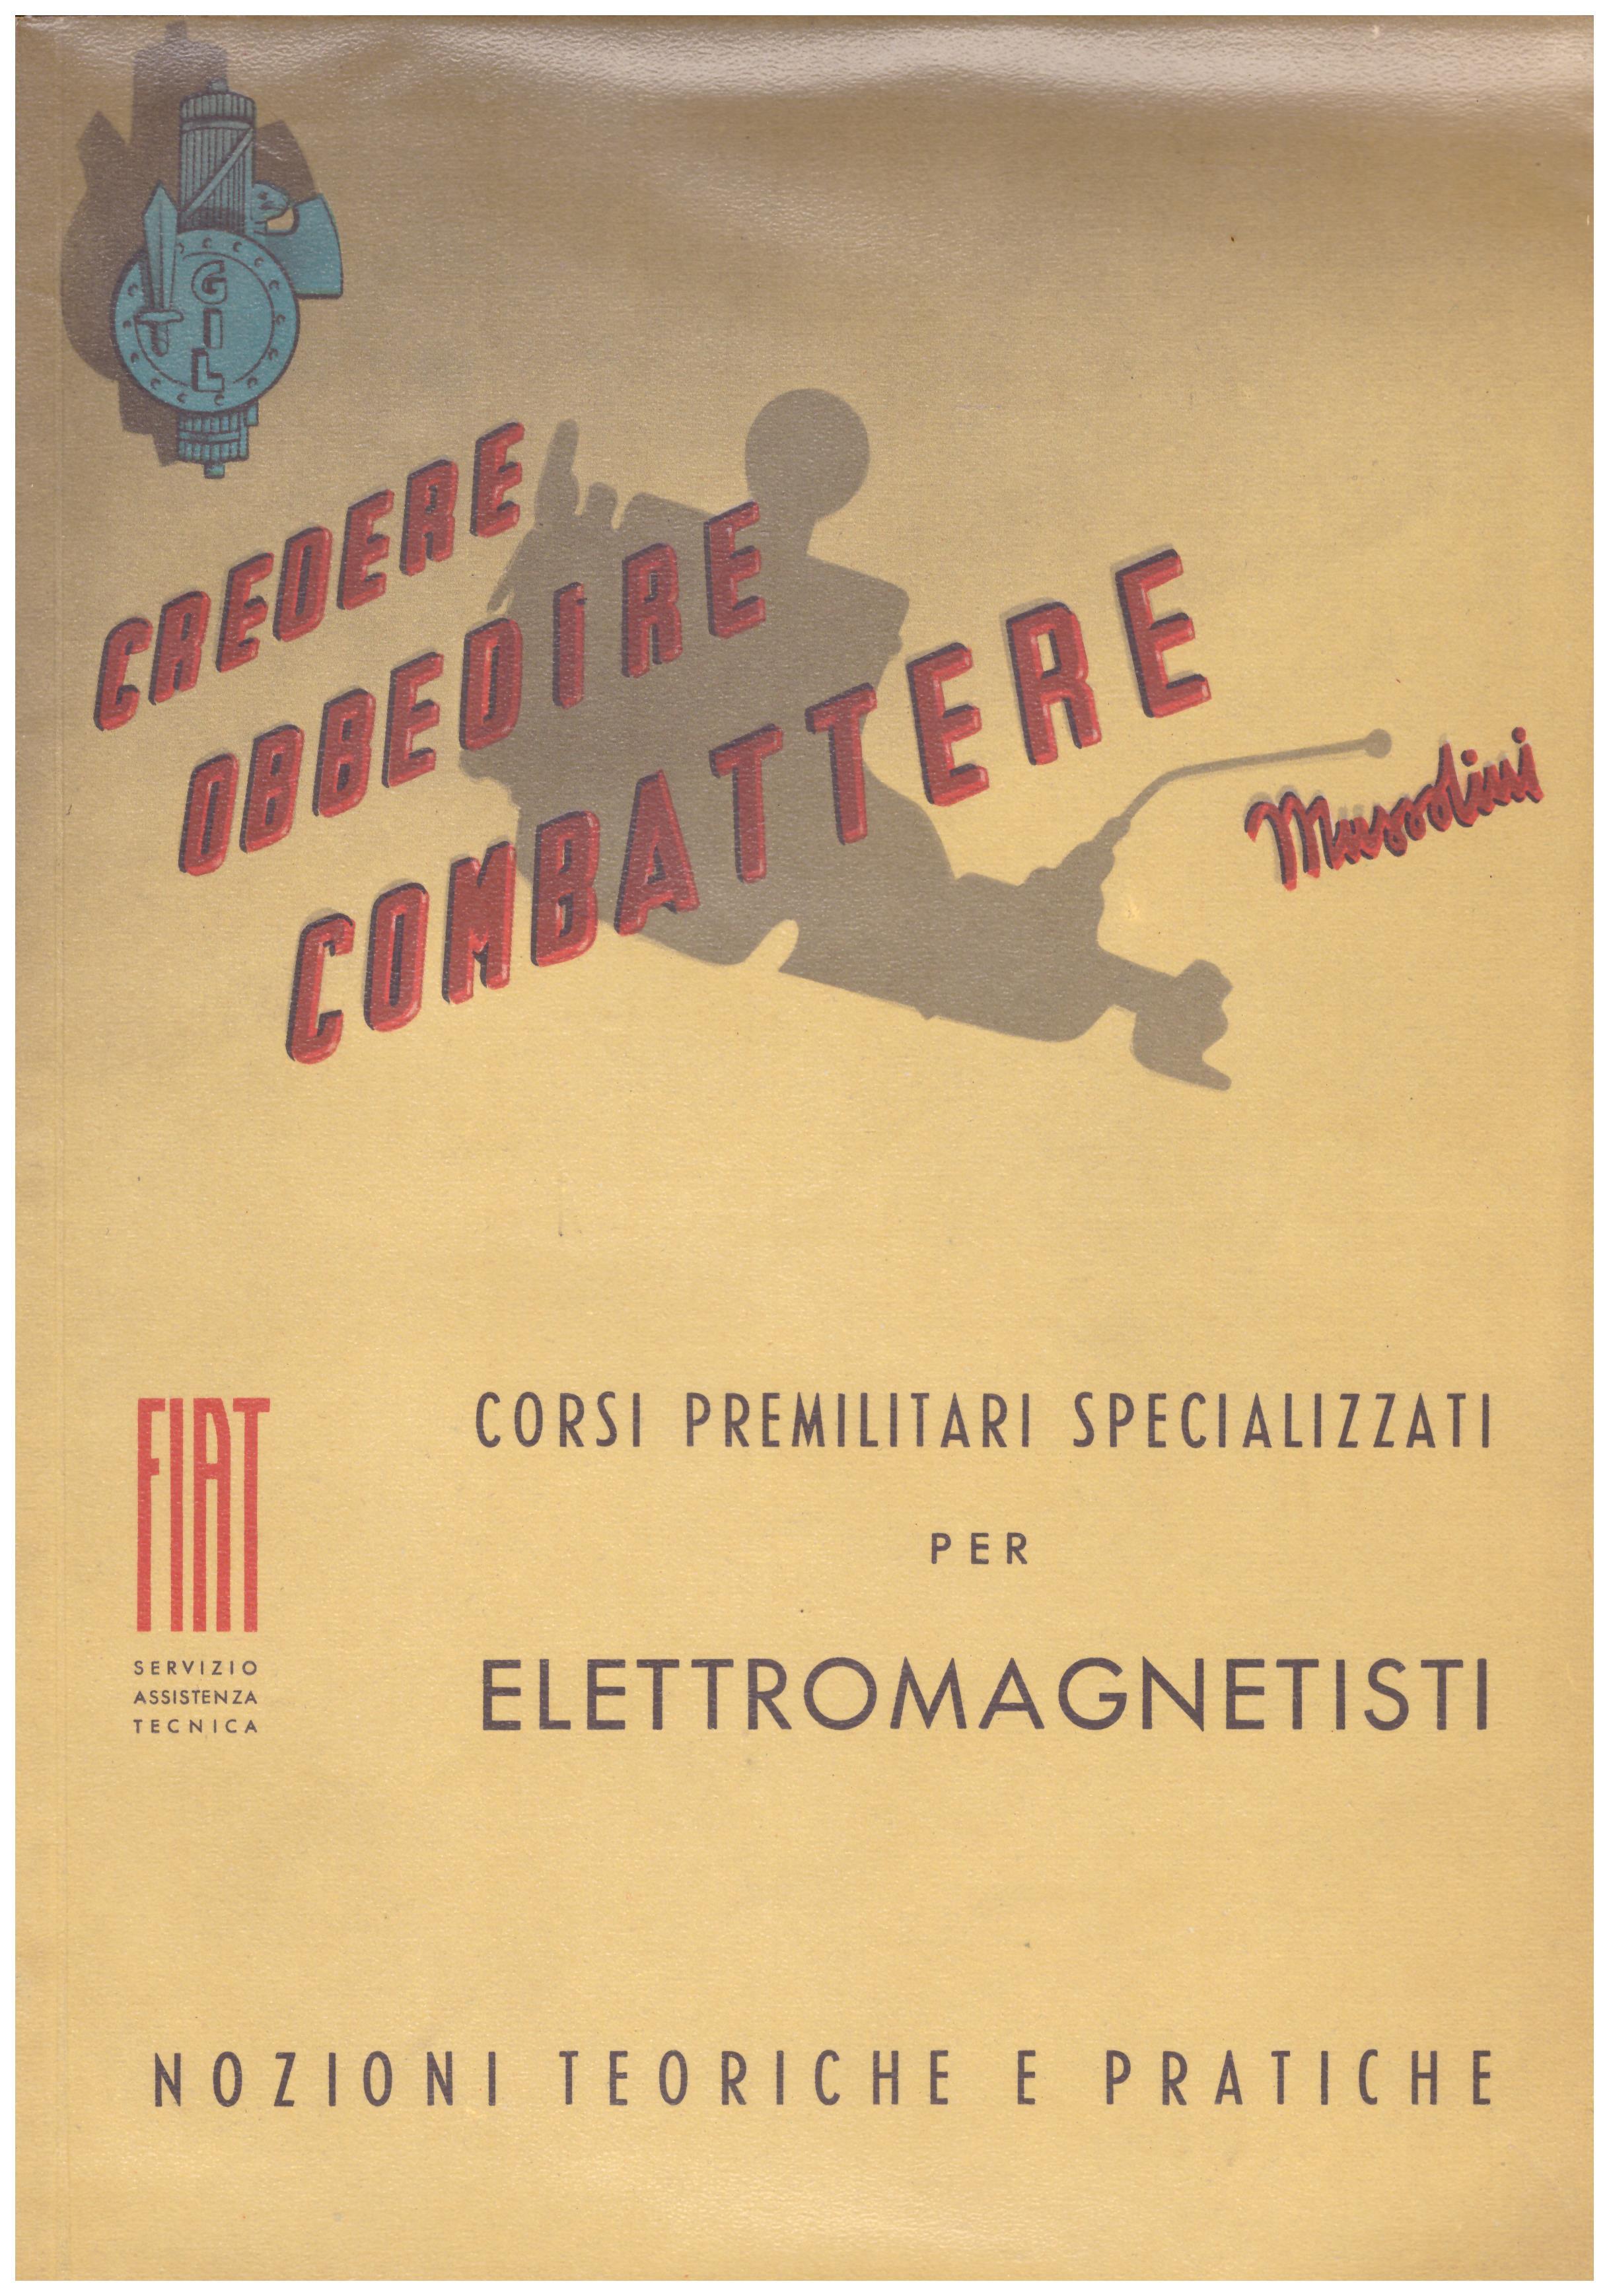 Titolo: Corsi preliminari specializzati per elettromagnetisti Autore: AA.VV. Editore: Servizio assistenza tecnica FIAT, stabilimento poligrafico Roggero e Tortia 1940